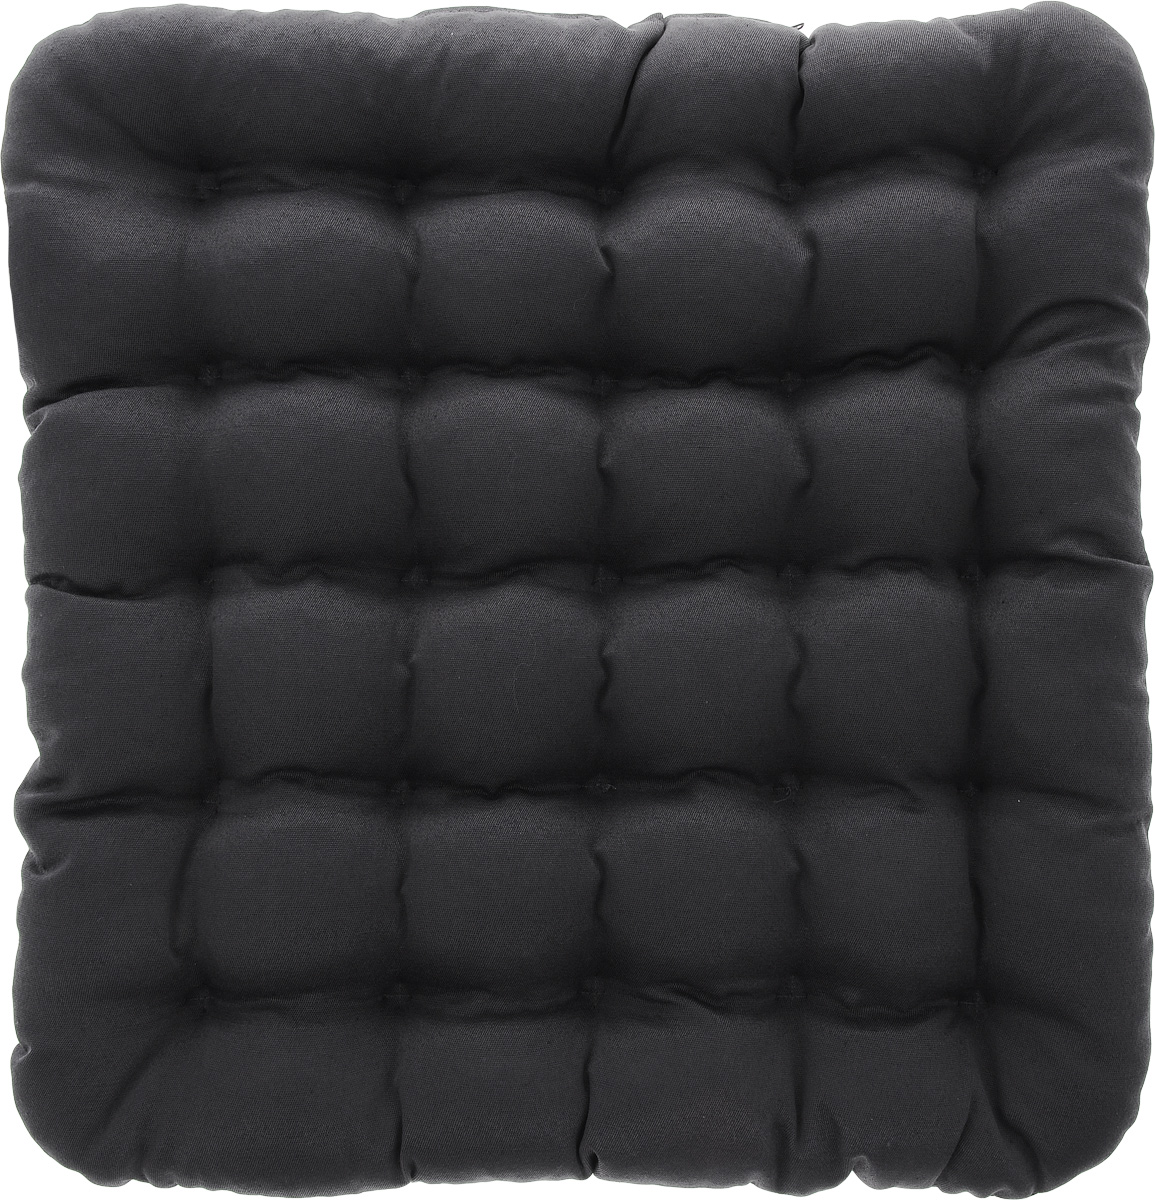 Подушка на стул Smart Textile Уют, наполнитель: лузга гречихи, 40 х 40 смT428Квадратная подушка Smart Textile Уют выполнена из хлопчатобумажной ткани и полиэстера, внутри - наполнитель из лепестков гречишной лузги. Изделие простегано на ячейки, тем самым обеспечивая еще больший массажный эффект, а плотная износостойкая ткань хорошо удерживает наполнитель, сохраняет форму и обеспечивает долгий срок службы.Наполнитель из лепестков лузги гречихи обладает ортопедическими свойствами, обеспечивает микромассаж кожи поверхностных мышц, снимает напряжение и стимулирует кровообращение, улучшает тем самым общее самочувствие. Подушка Smart Textile Уют прекрасно подходит для любых стульев и кресел. Застежка-молния позволяет регулировать плотность наполненности подушки. Подушка упакована в пластиковую сумку-чехол на застежке-молнии с ручкой для комфортной переноски и хранения. Рекомендации по уходу: - Стирка запрещена,- Нельзя отбеливать,- Не гладить,- Химчистка только с использованием углеводорода, хлорного этилена,- Сушить на горизонтальной поверхности. Материал чехла: смесовая ткань (35% хлопчатобумажная ткань, 65% полиэстер). Материал наполнителя: лузга гречихи.